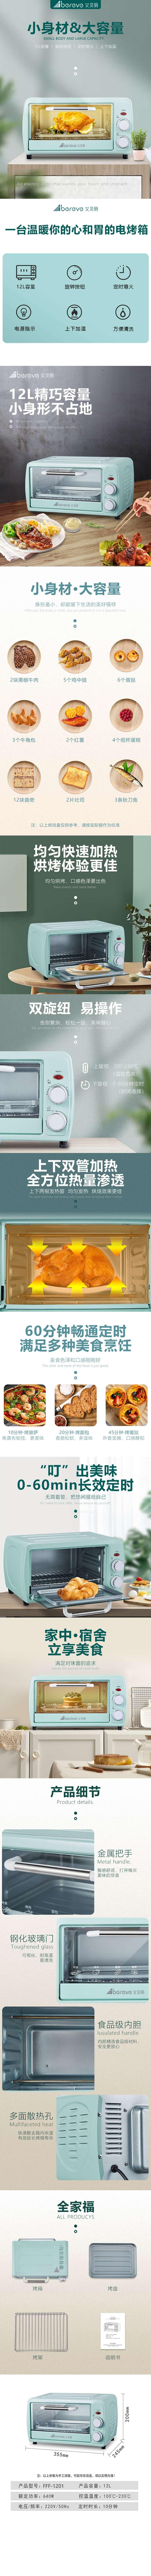 电烤箱-750详情.jpg